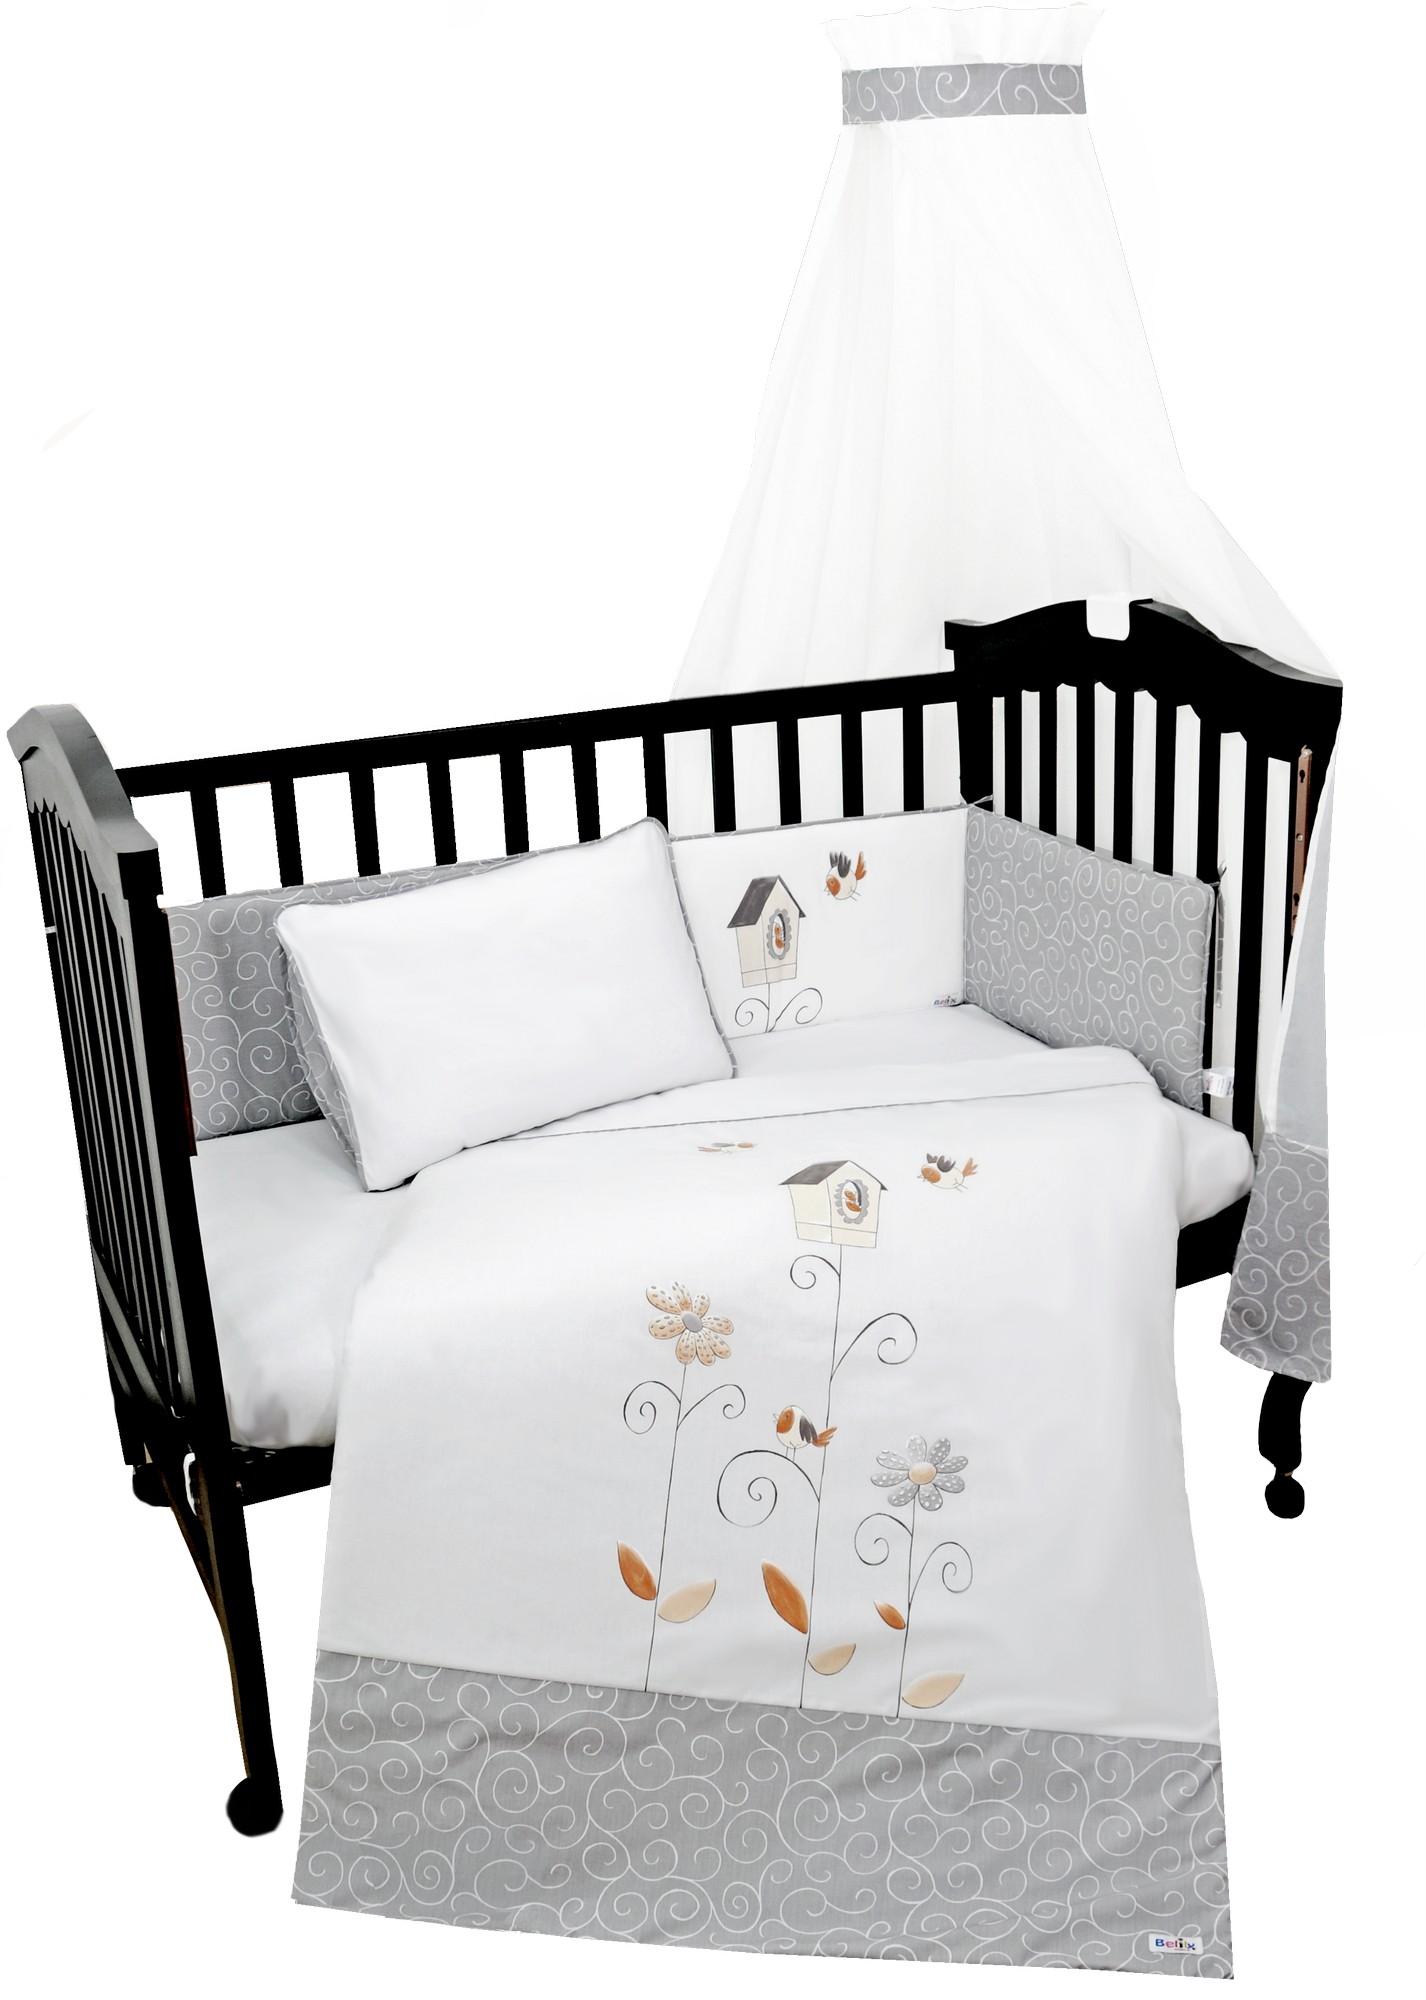 vogelhaus baby bettset label f r wickeltaschen stillkissen stubenwagen spielzelte und baby. Black Bedroom Furniture Sets. Home Design Ideas